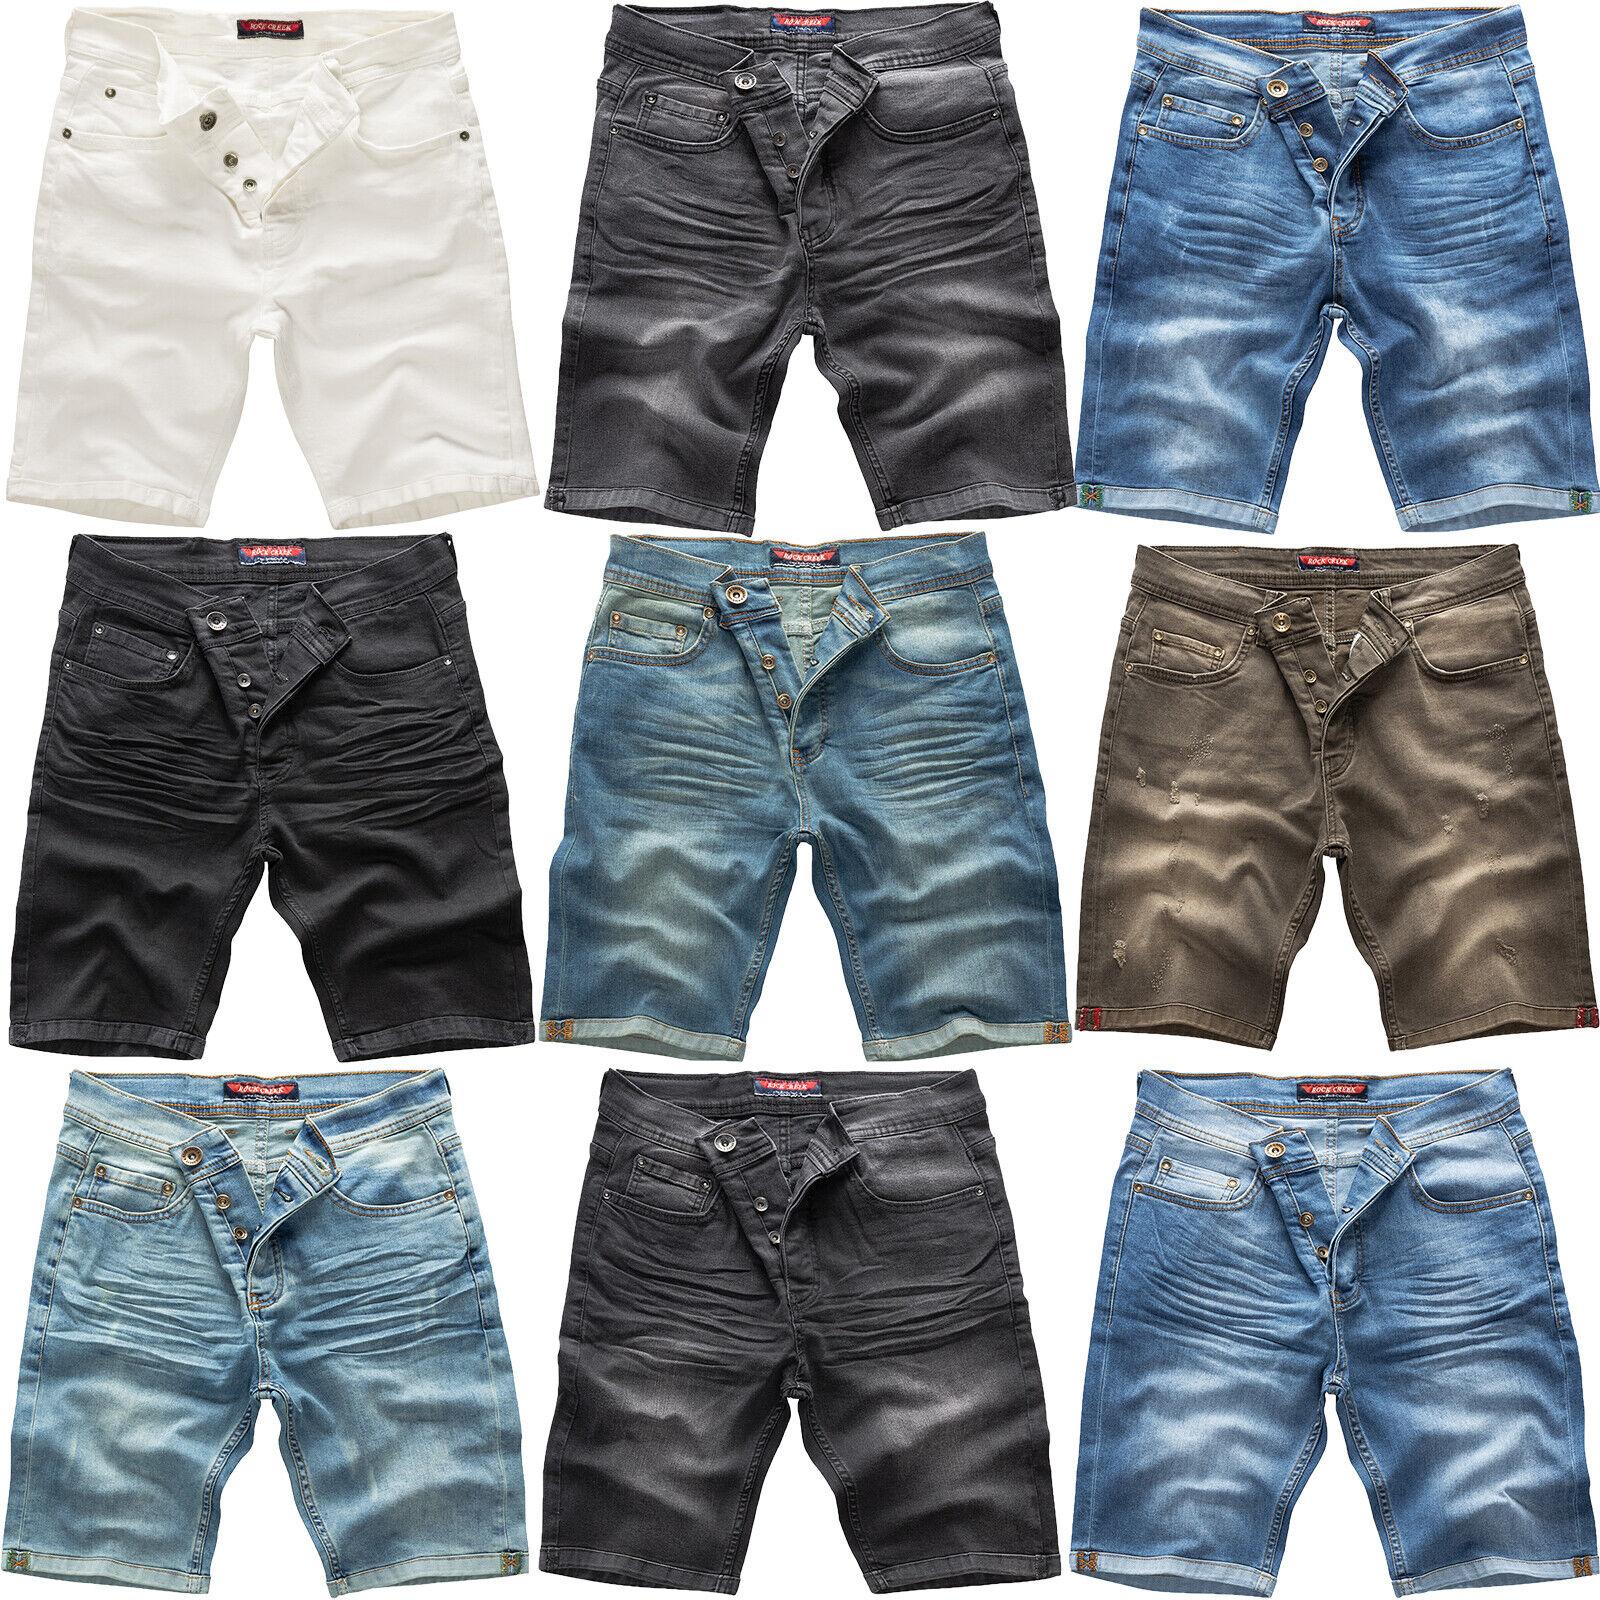 a8281101ba85d Rock Creek Herren Jeans Short Kurze Bermuda Shorts Hose Denim Stonewashed  M50